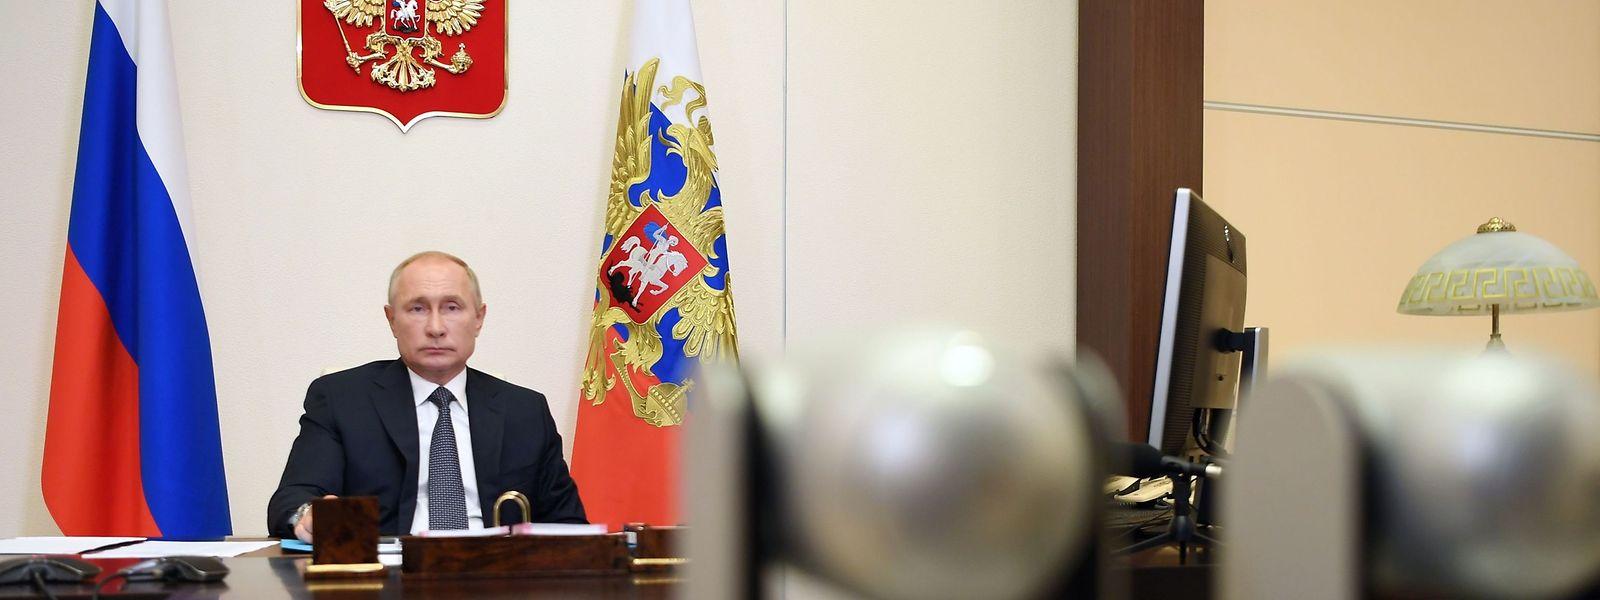 Der russische Präsident Wladimir Putin bei einer Konferenz am Dienstag.